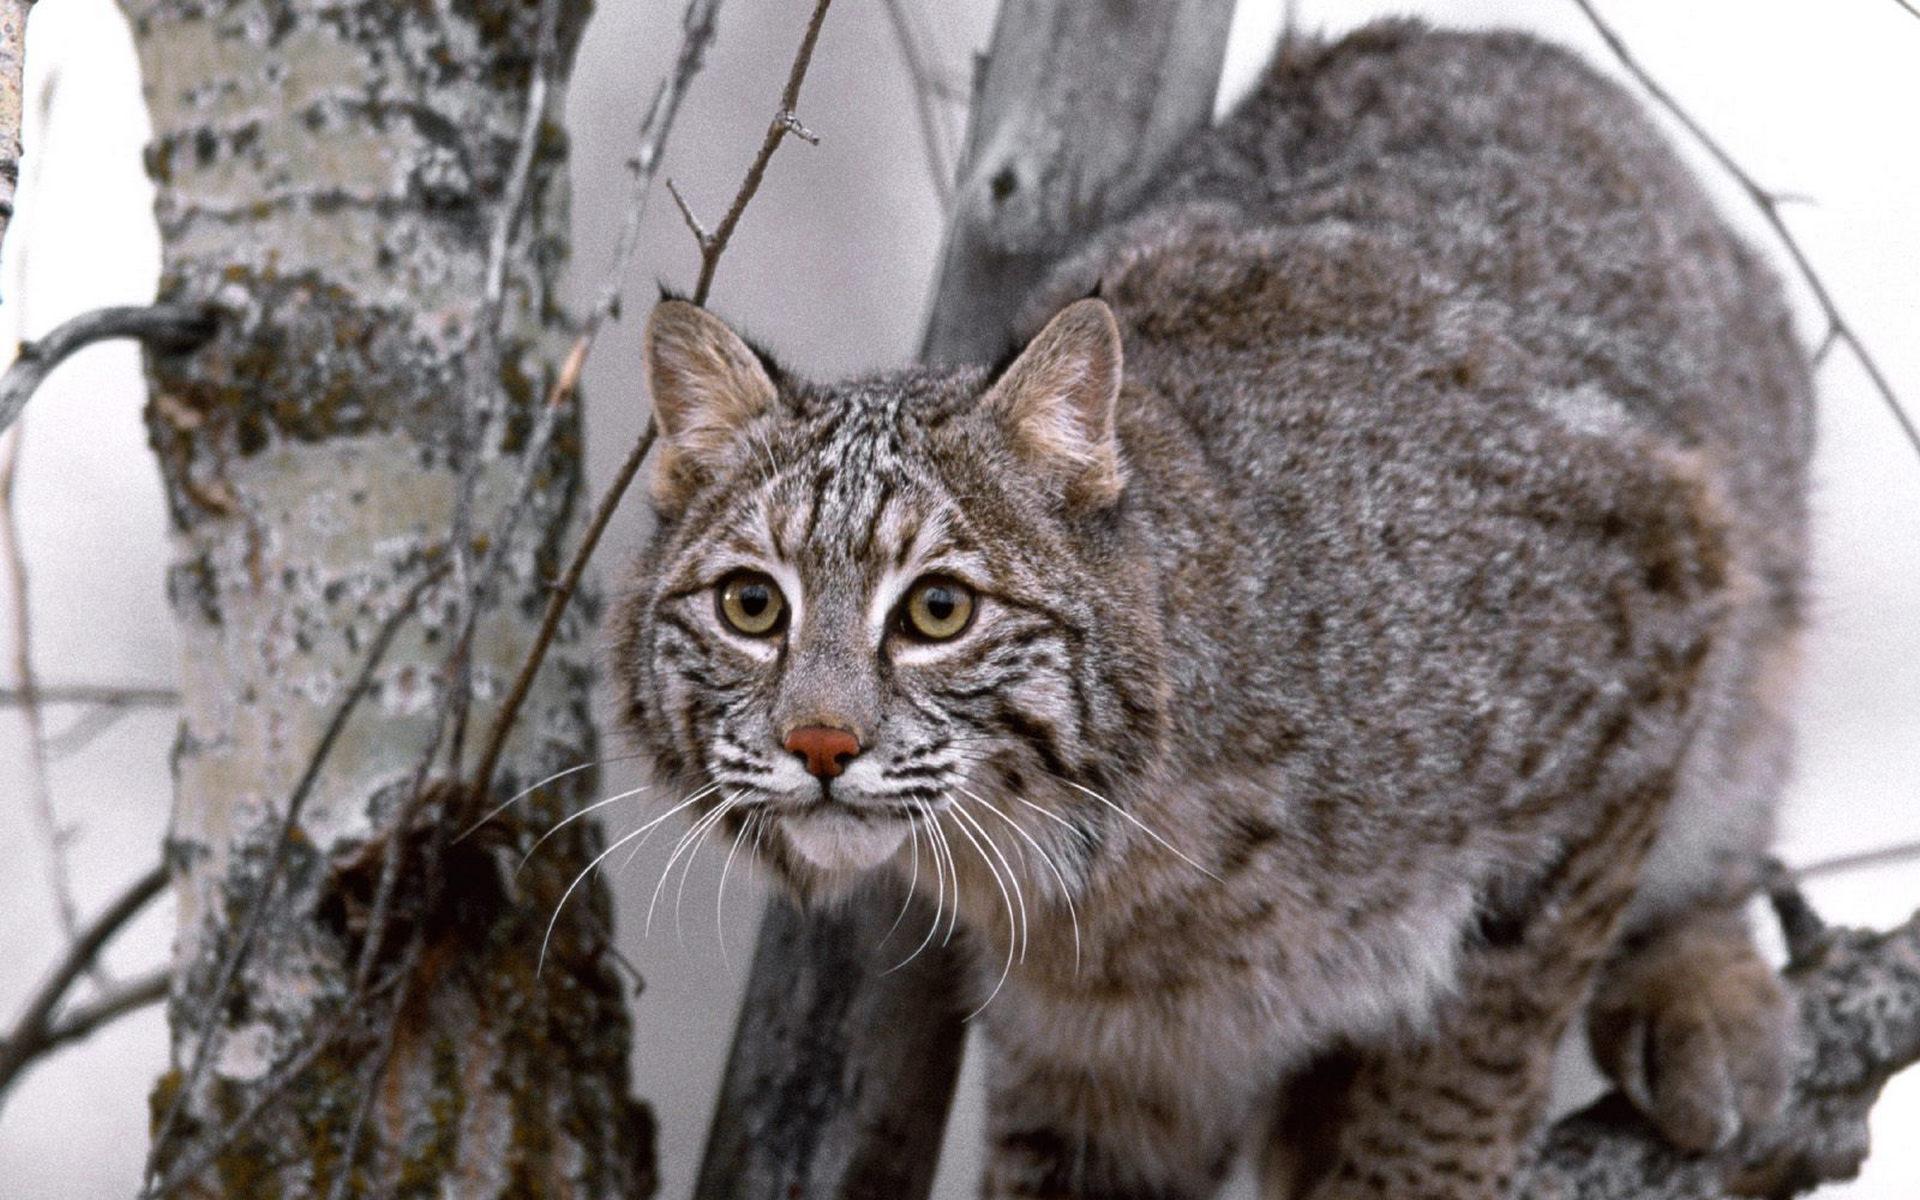 природа животные ветка деревья рысь nature animals branch trees lynx  № 559929 бесплатно